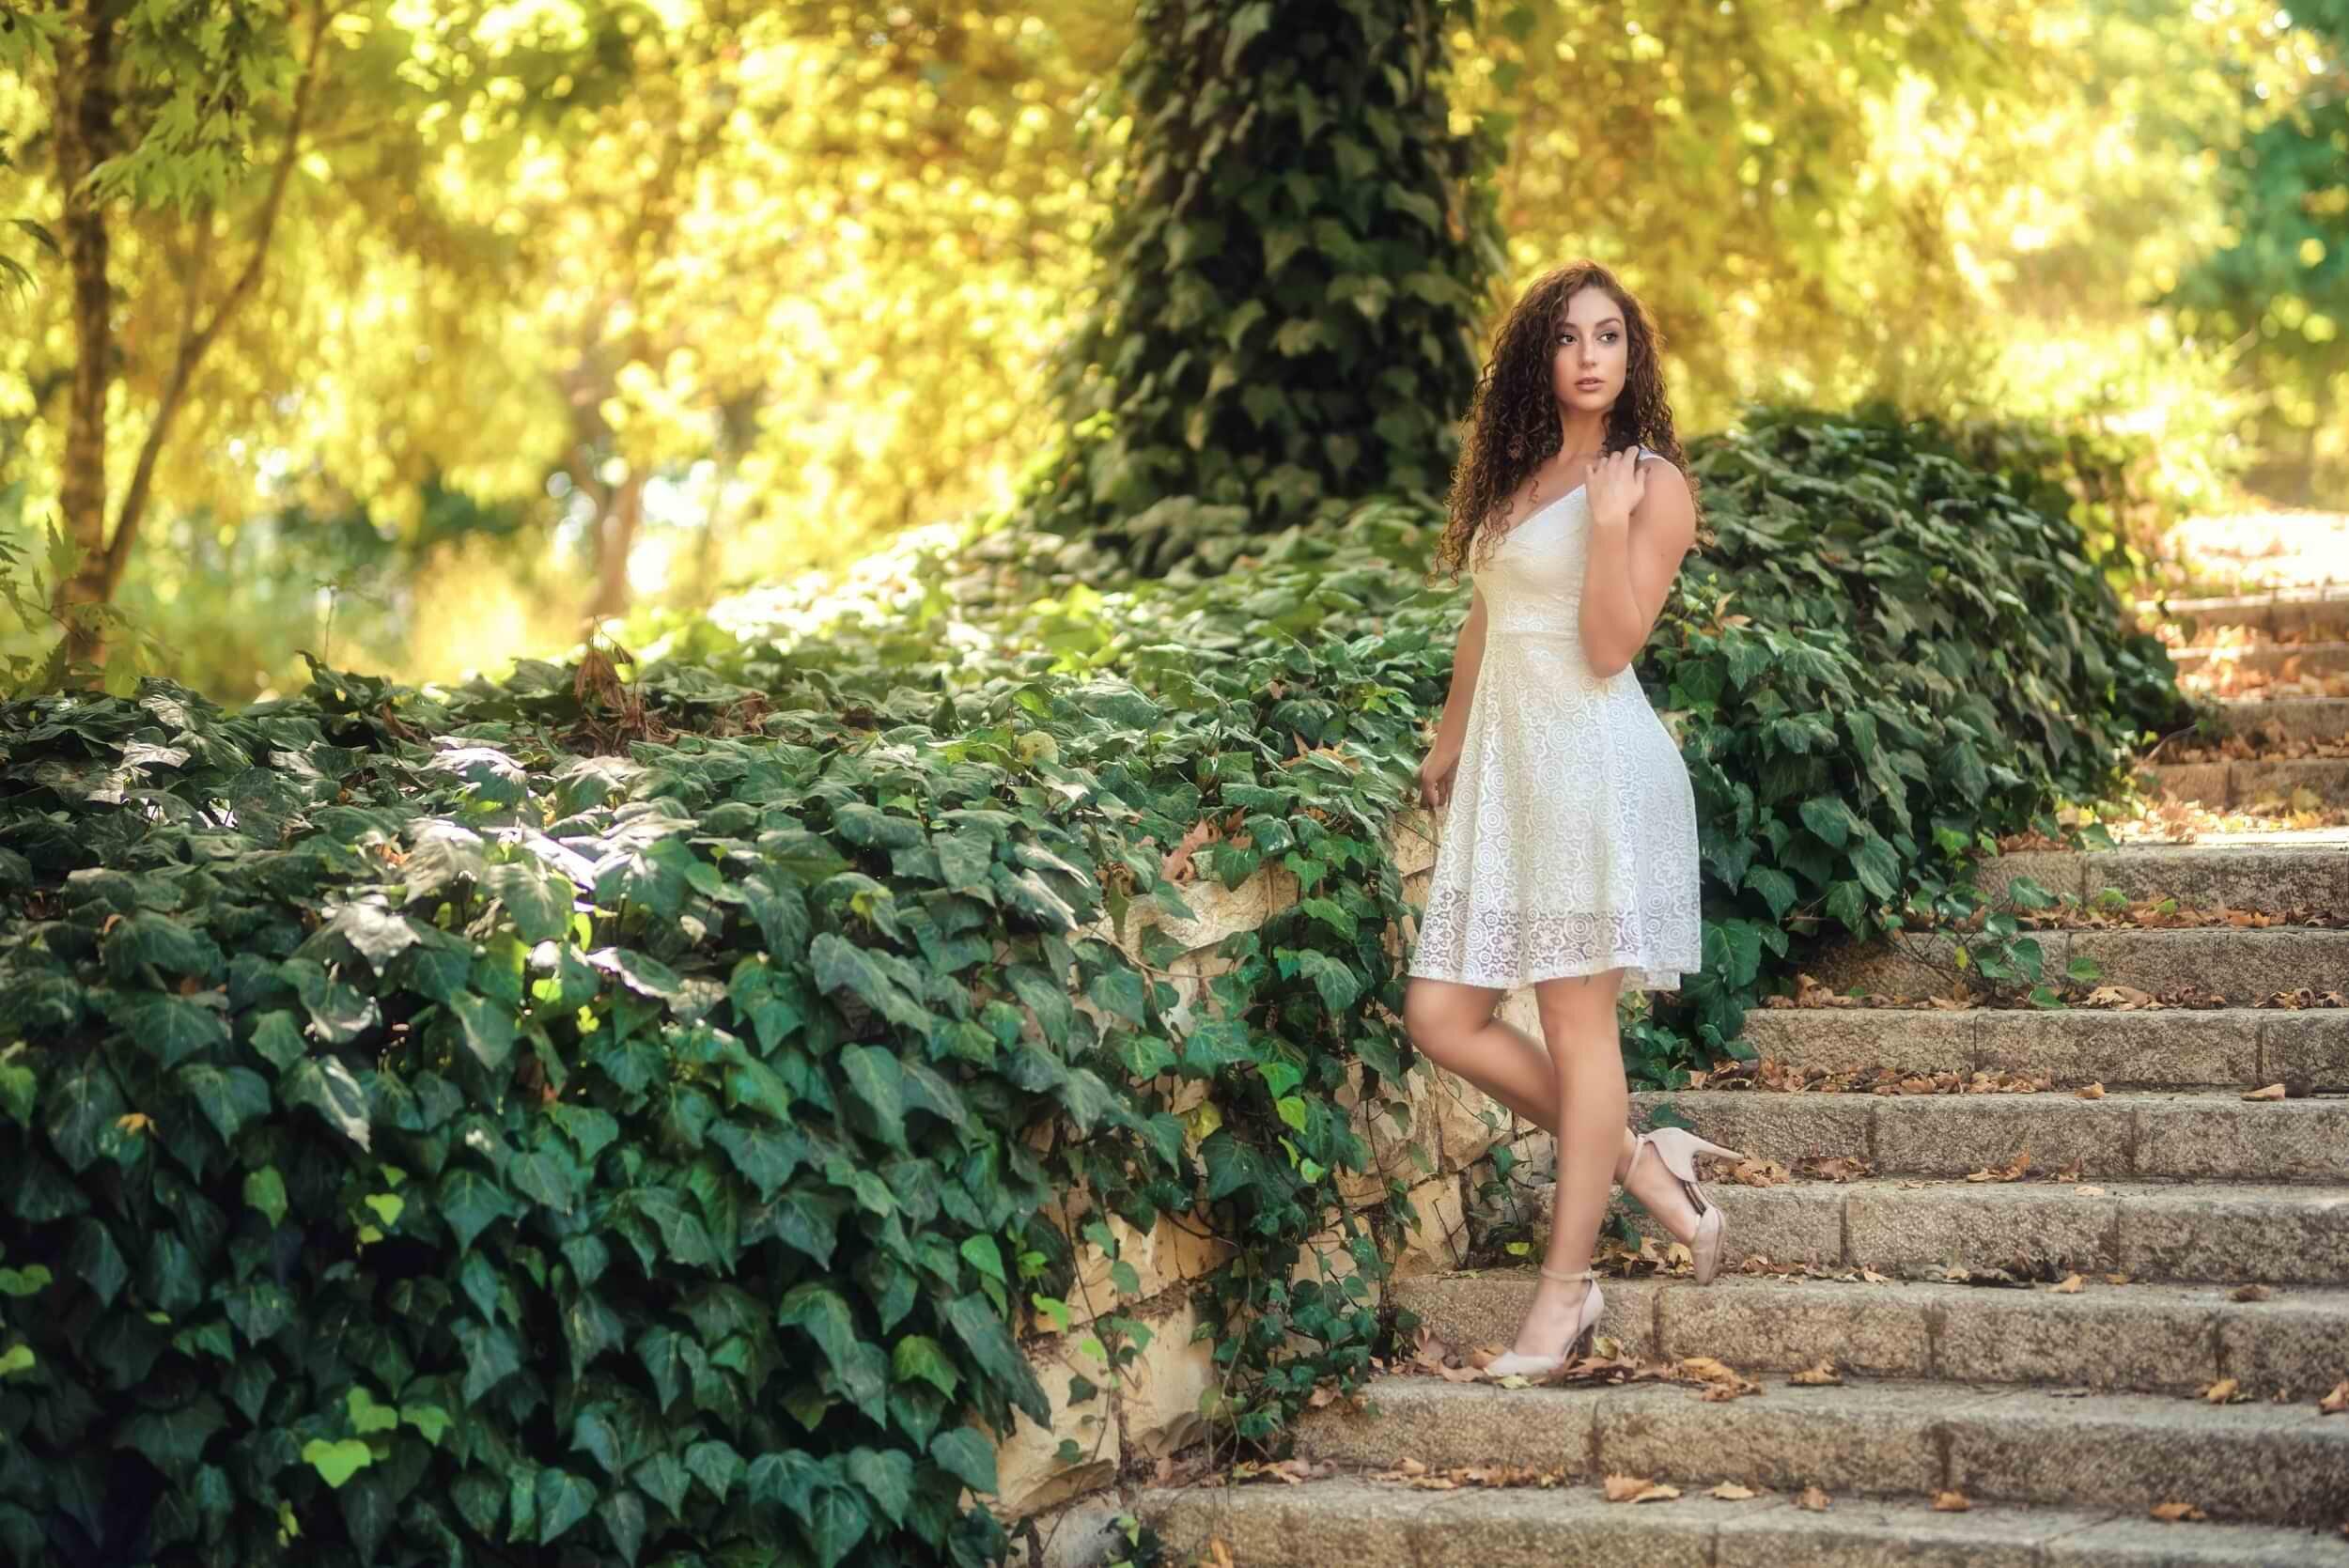 צילום חוץ אופנתי של דוגמנית שיורדת במדרגות